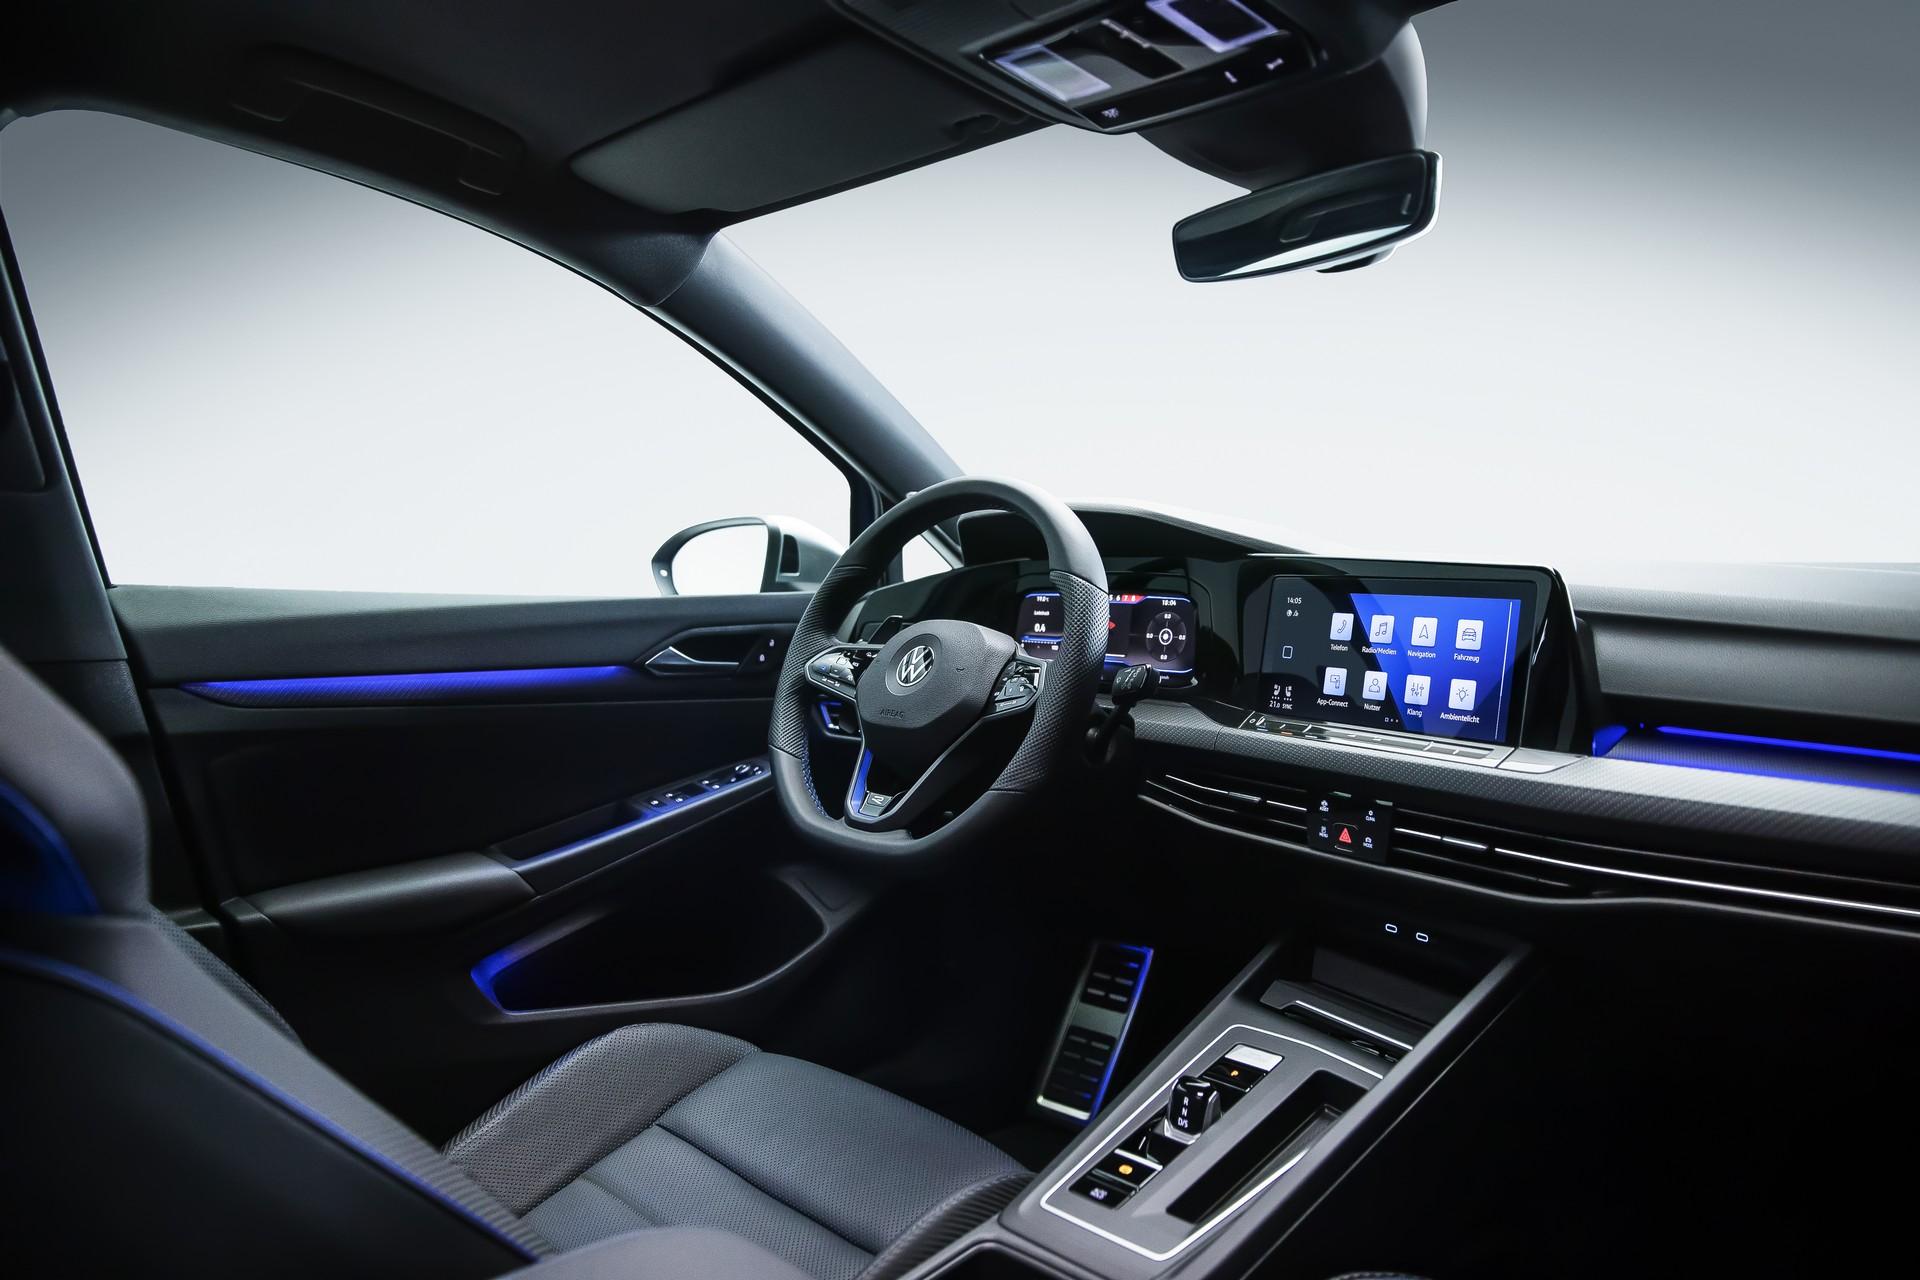 салон Volkswagen Golf R 2021-2022